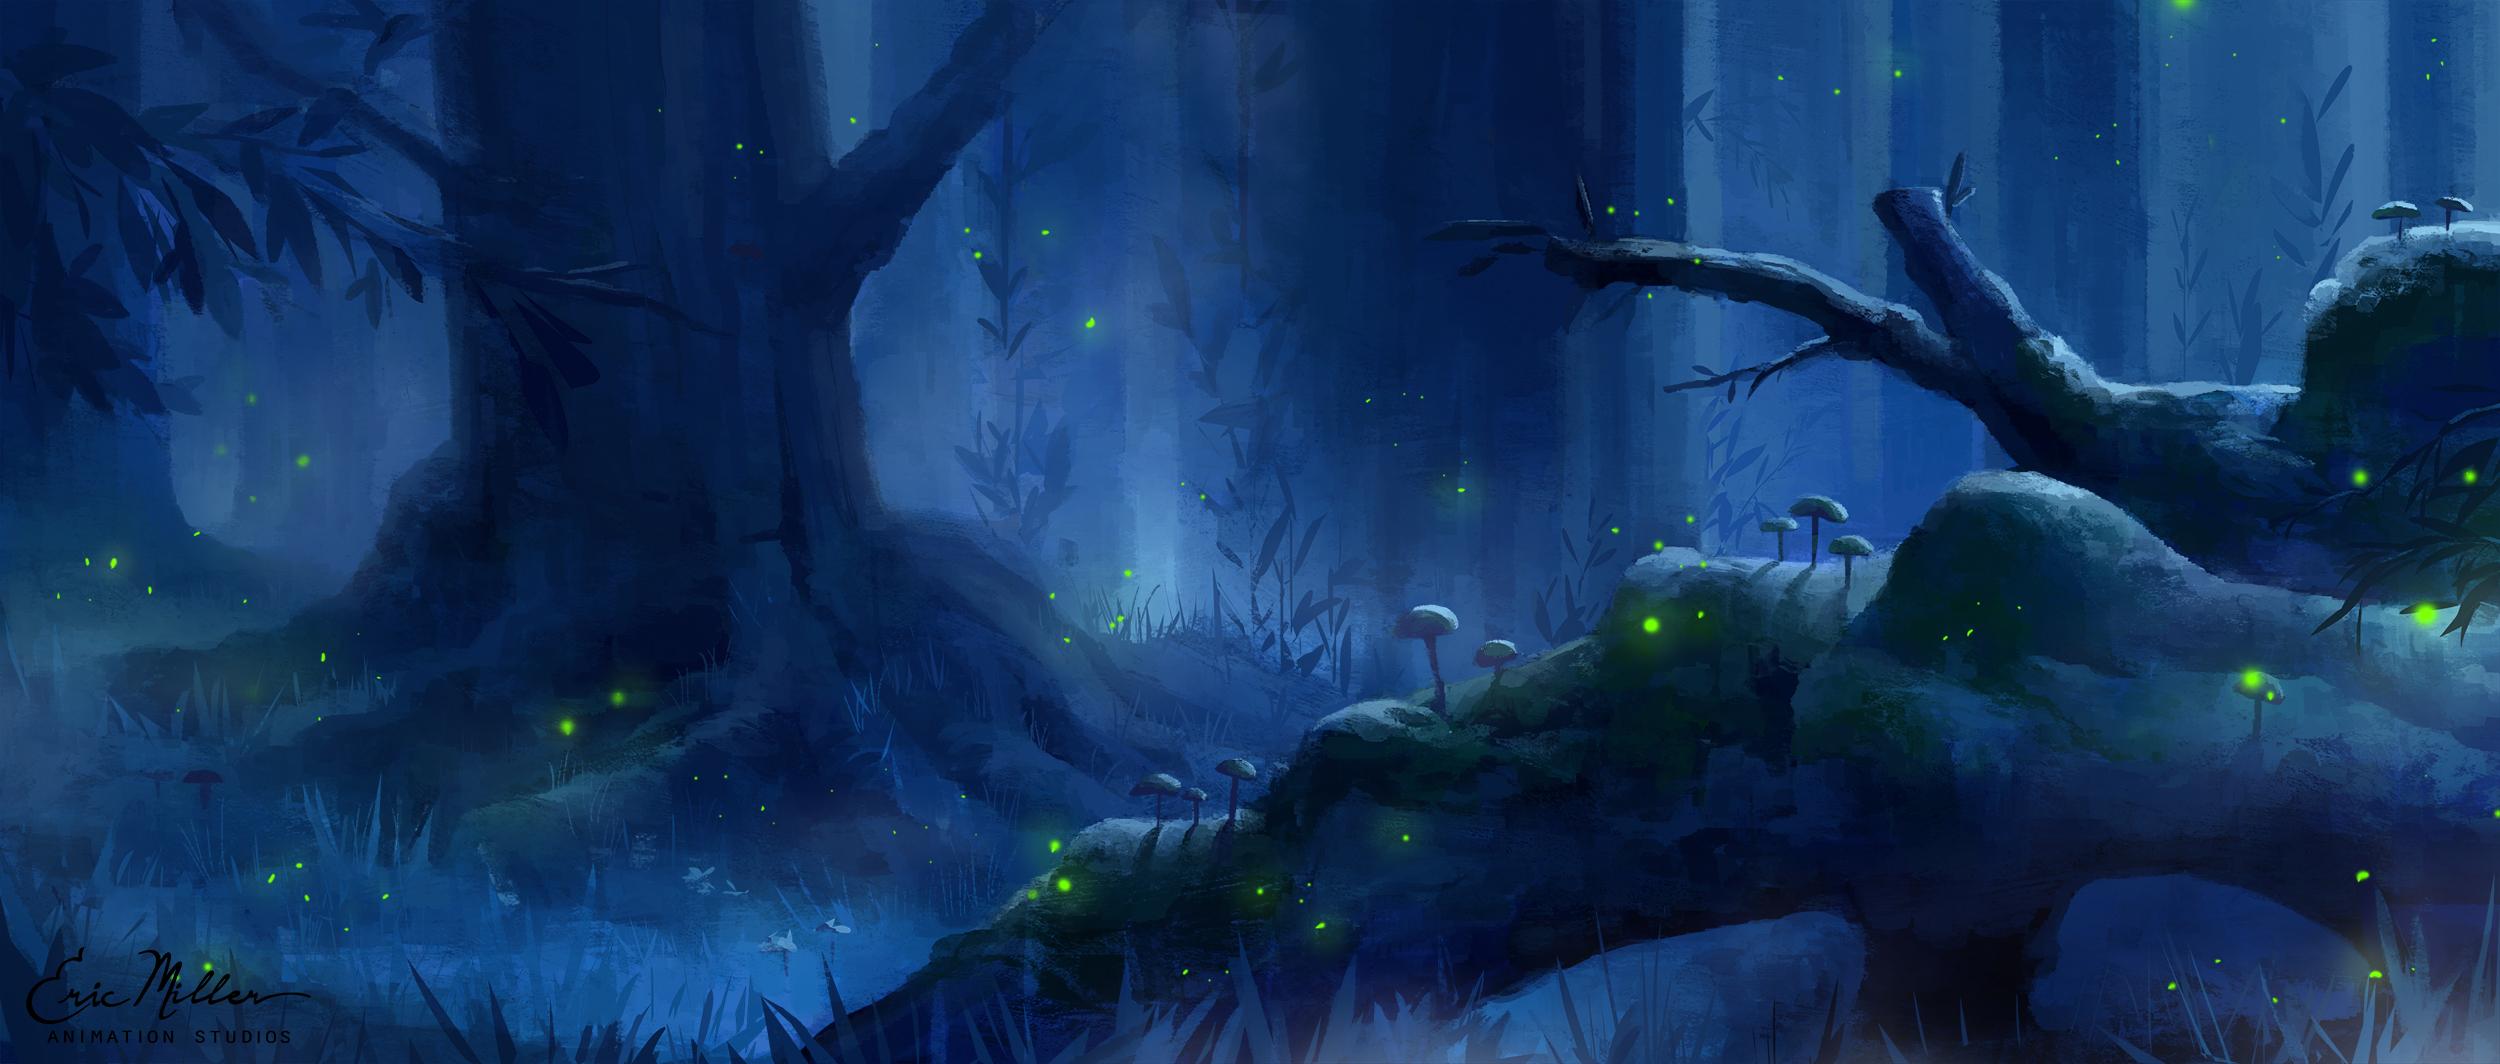 Fireflies_magical_woods.jpg